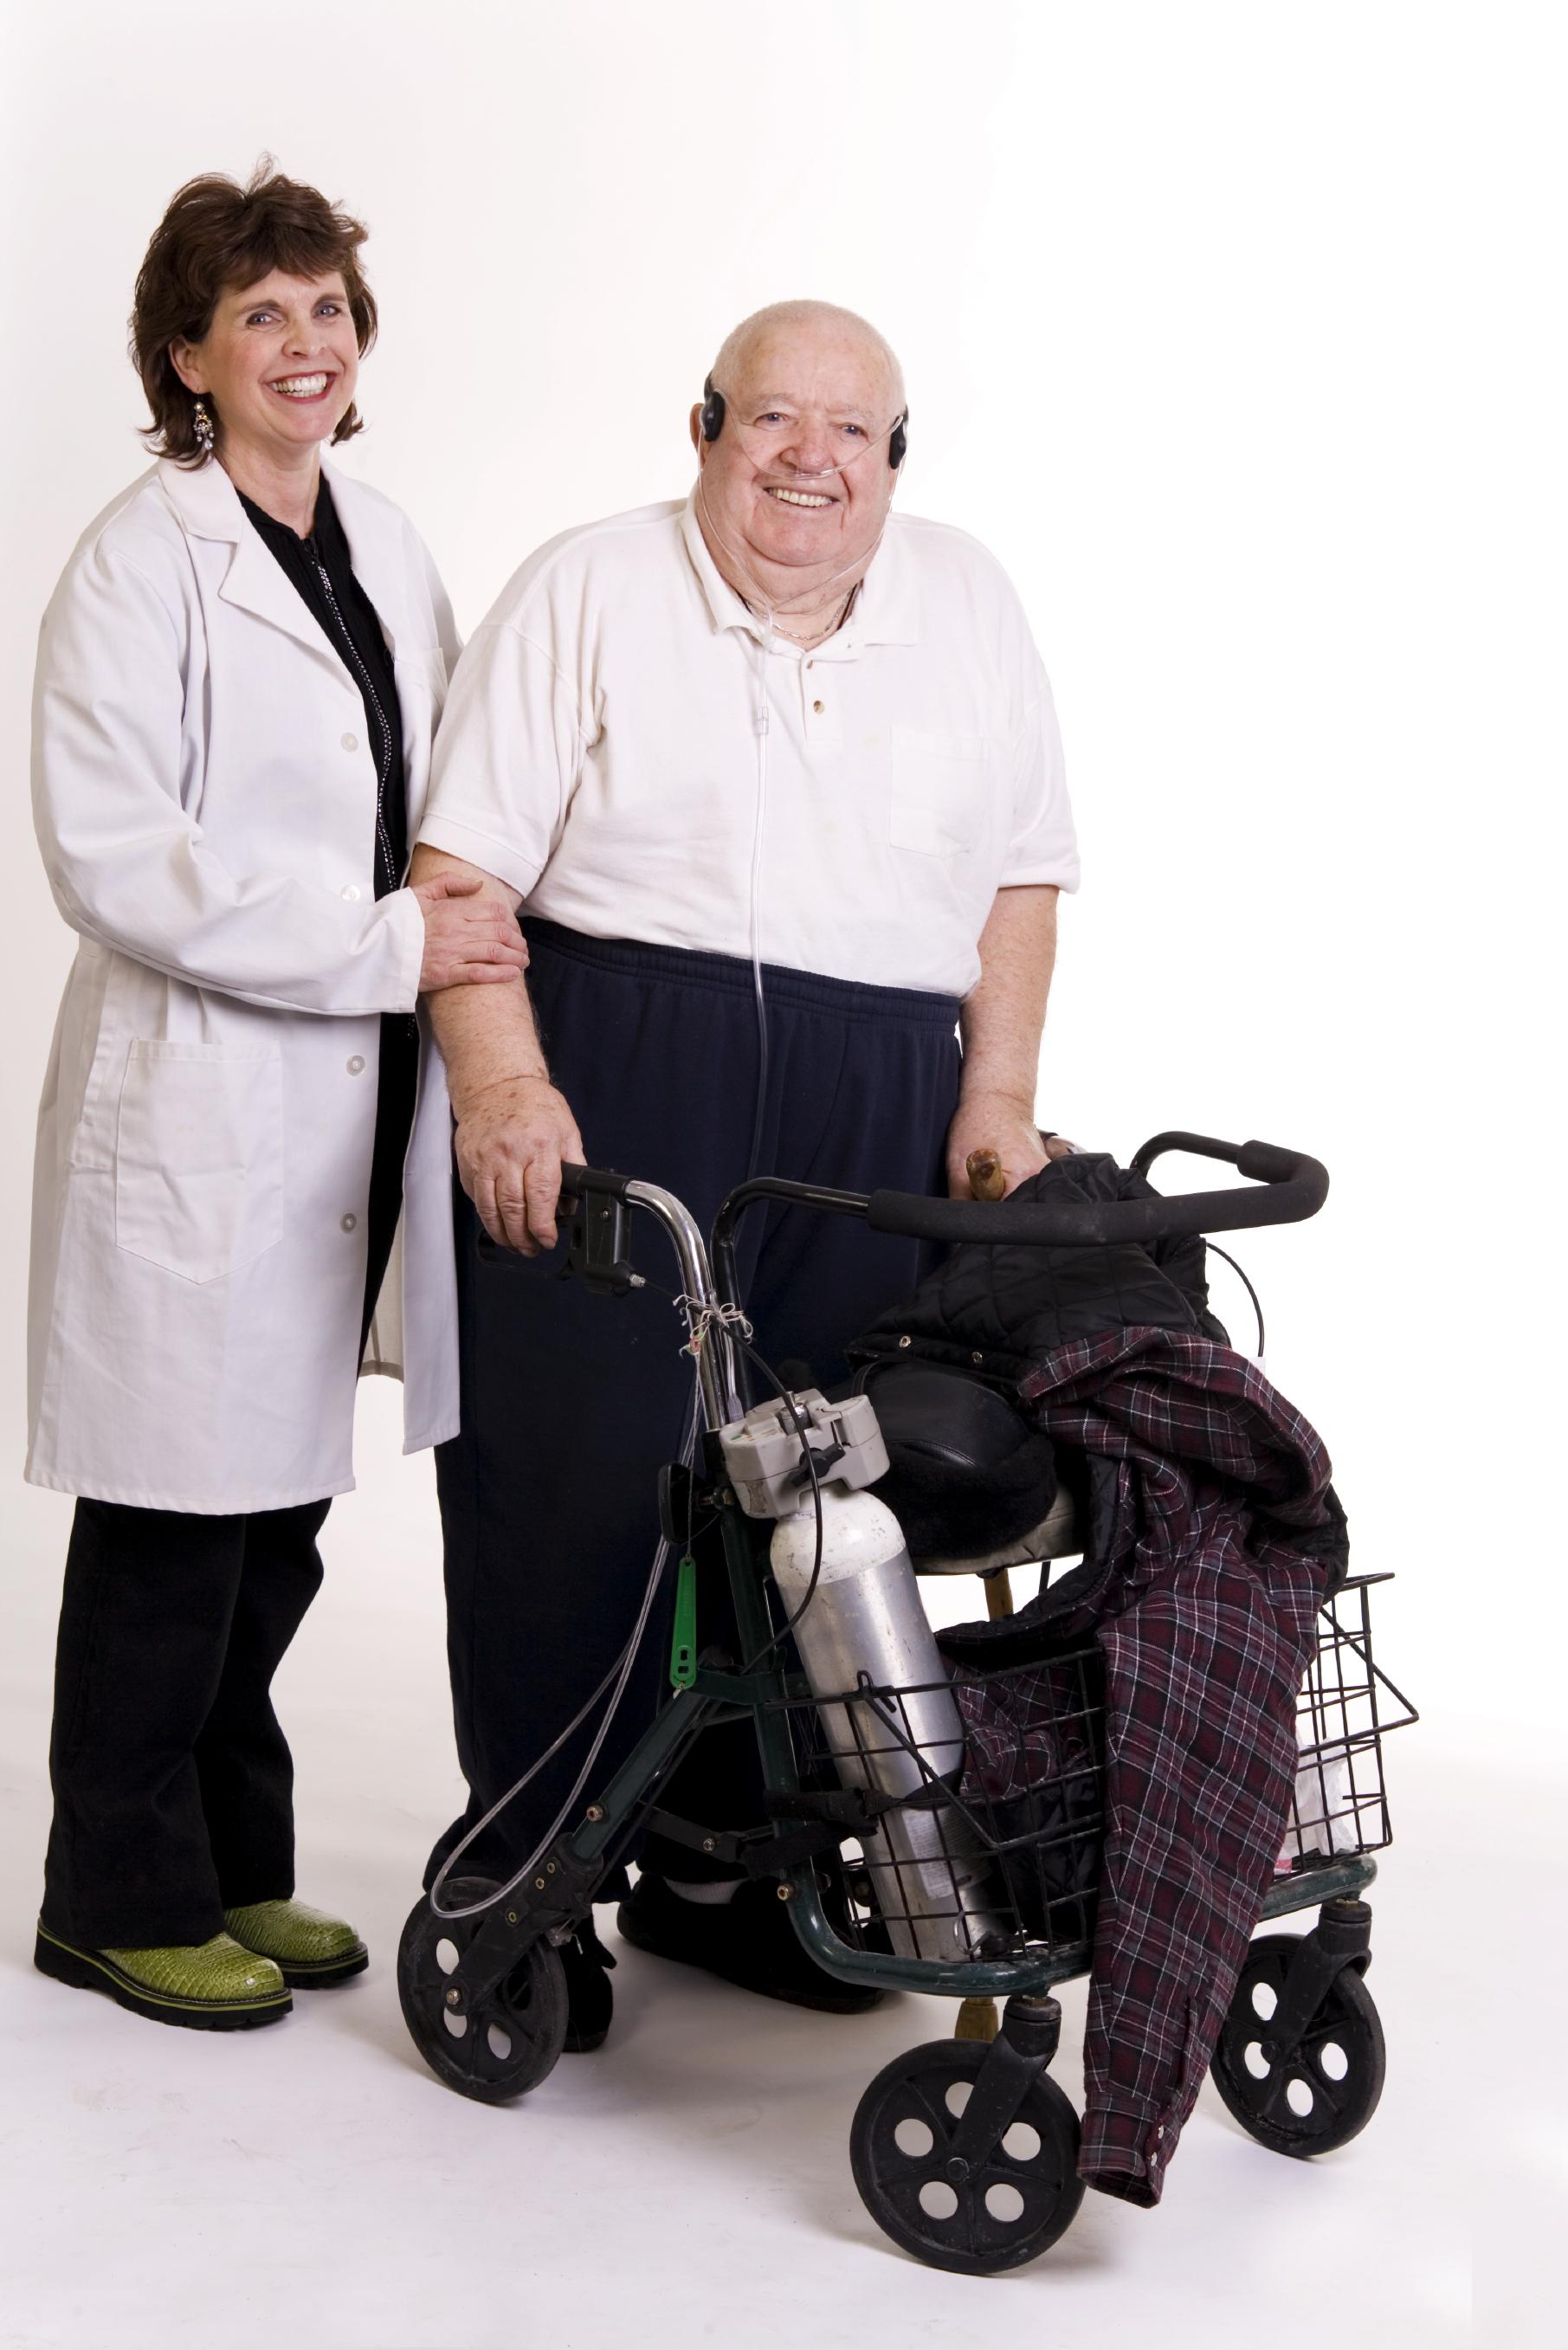 Patient on Oxygen